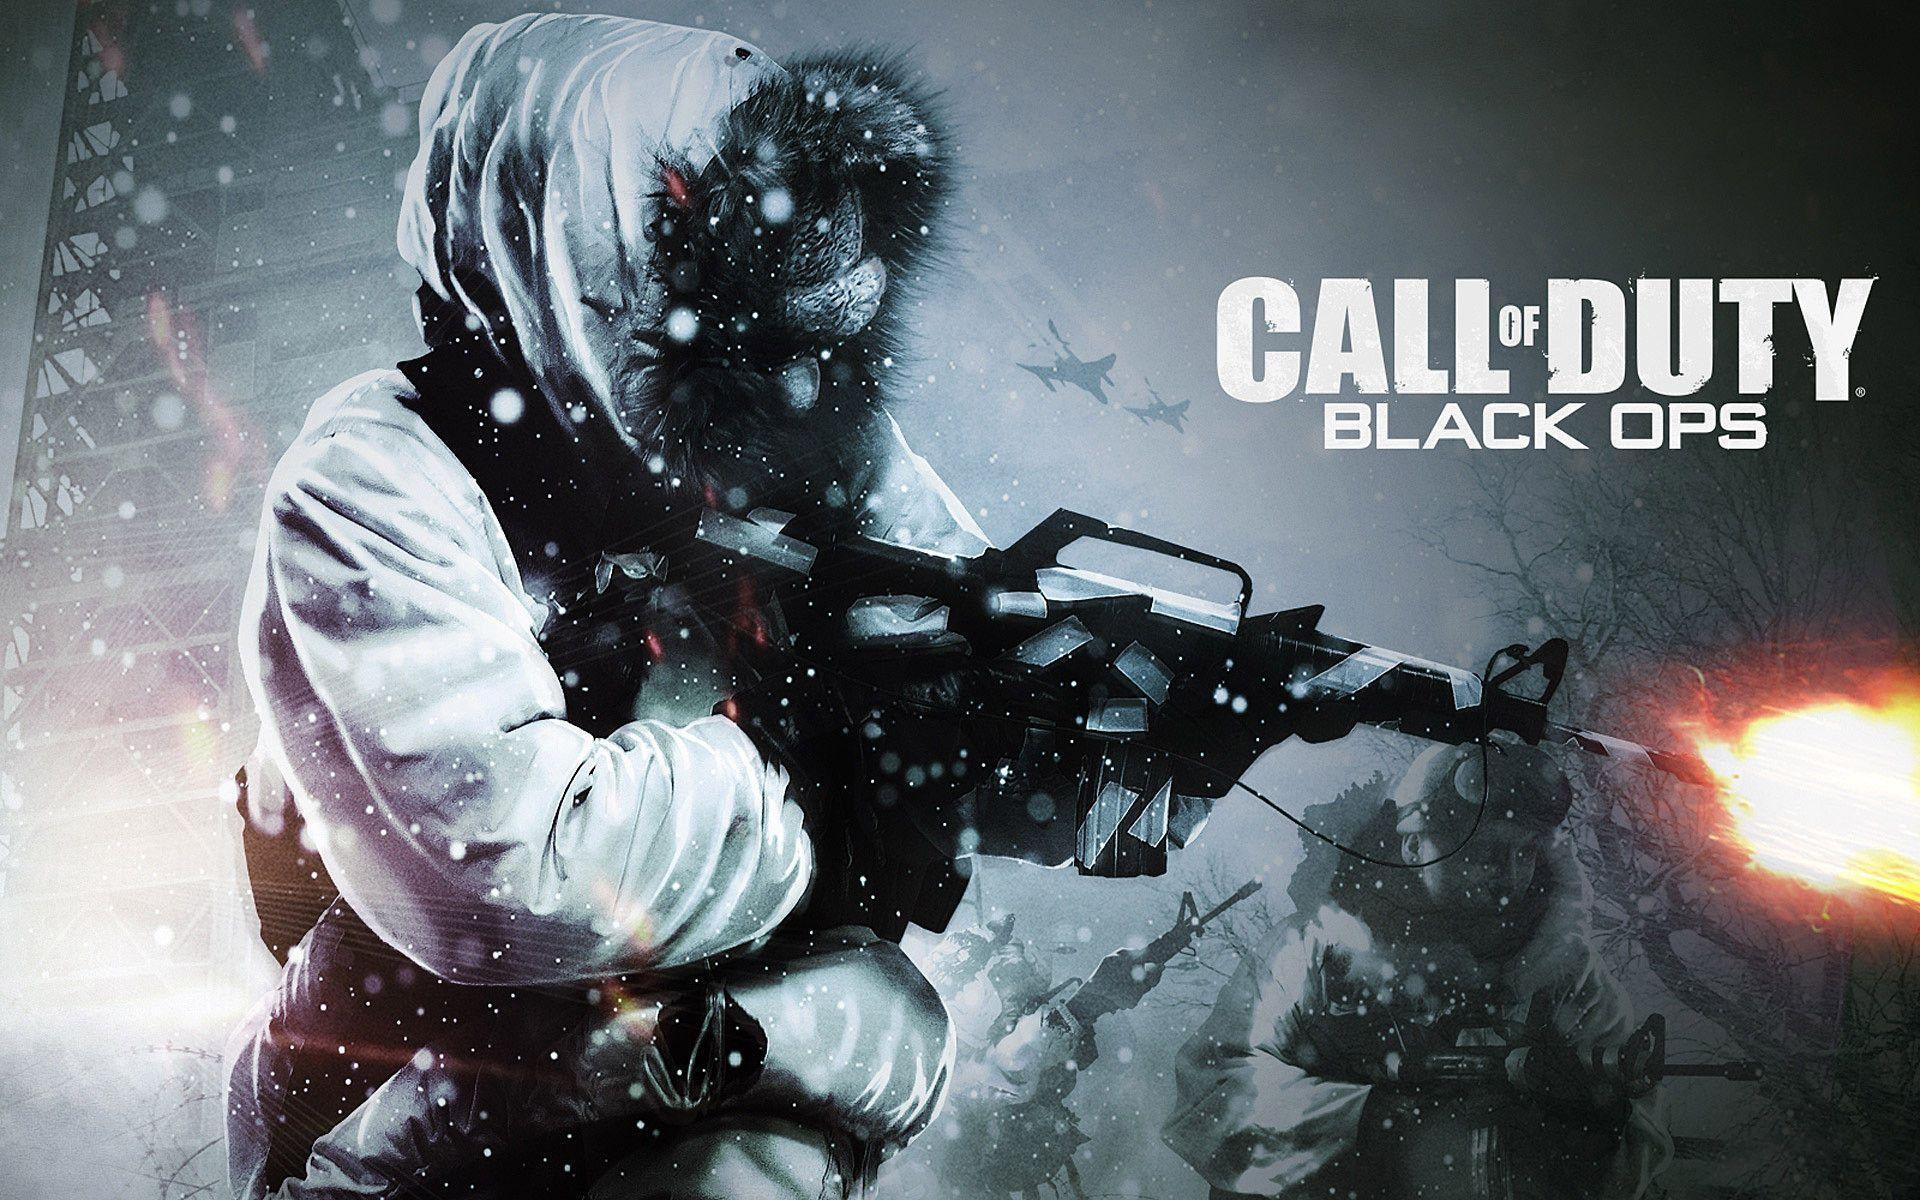 Black Ops Zombies Wallpaper 1080p – WallpaperSafari